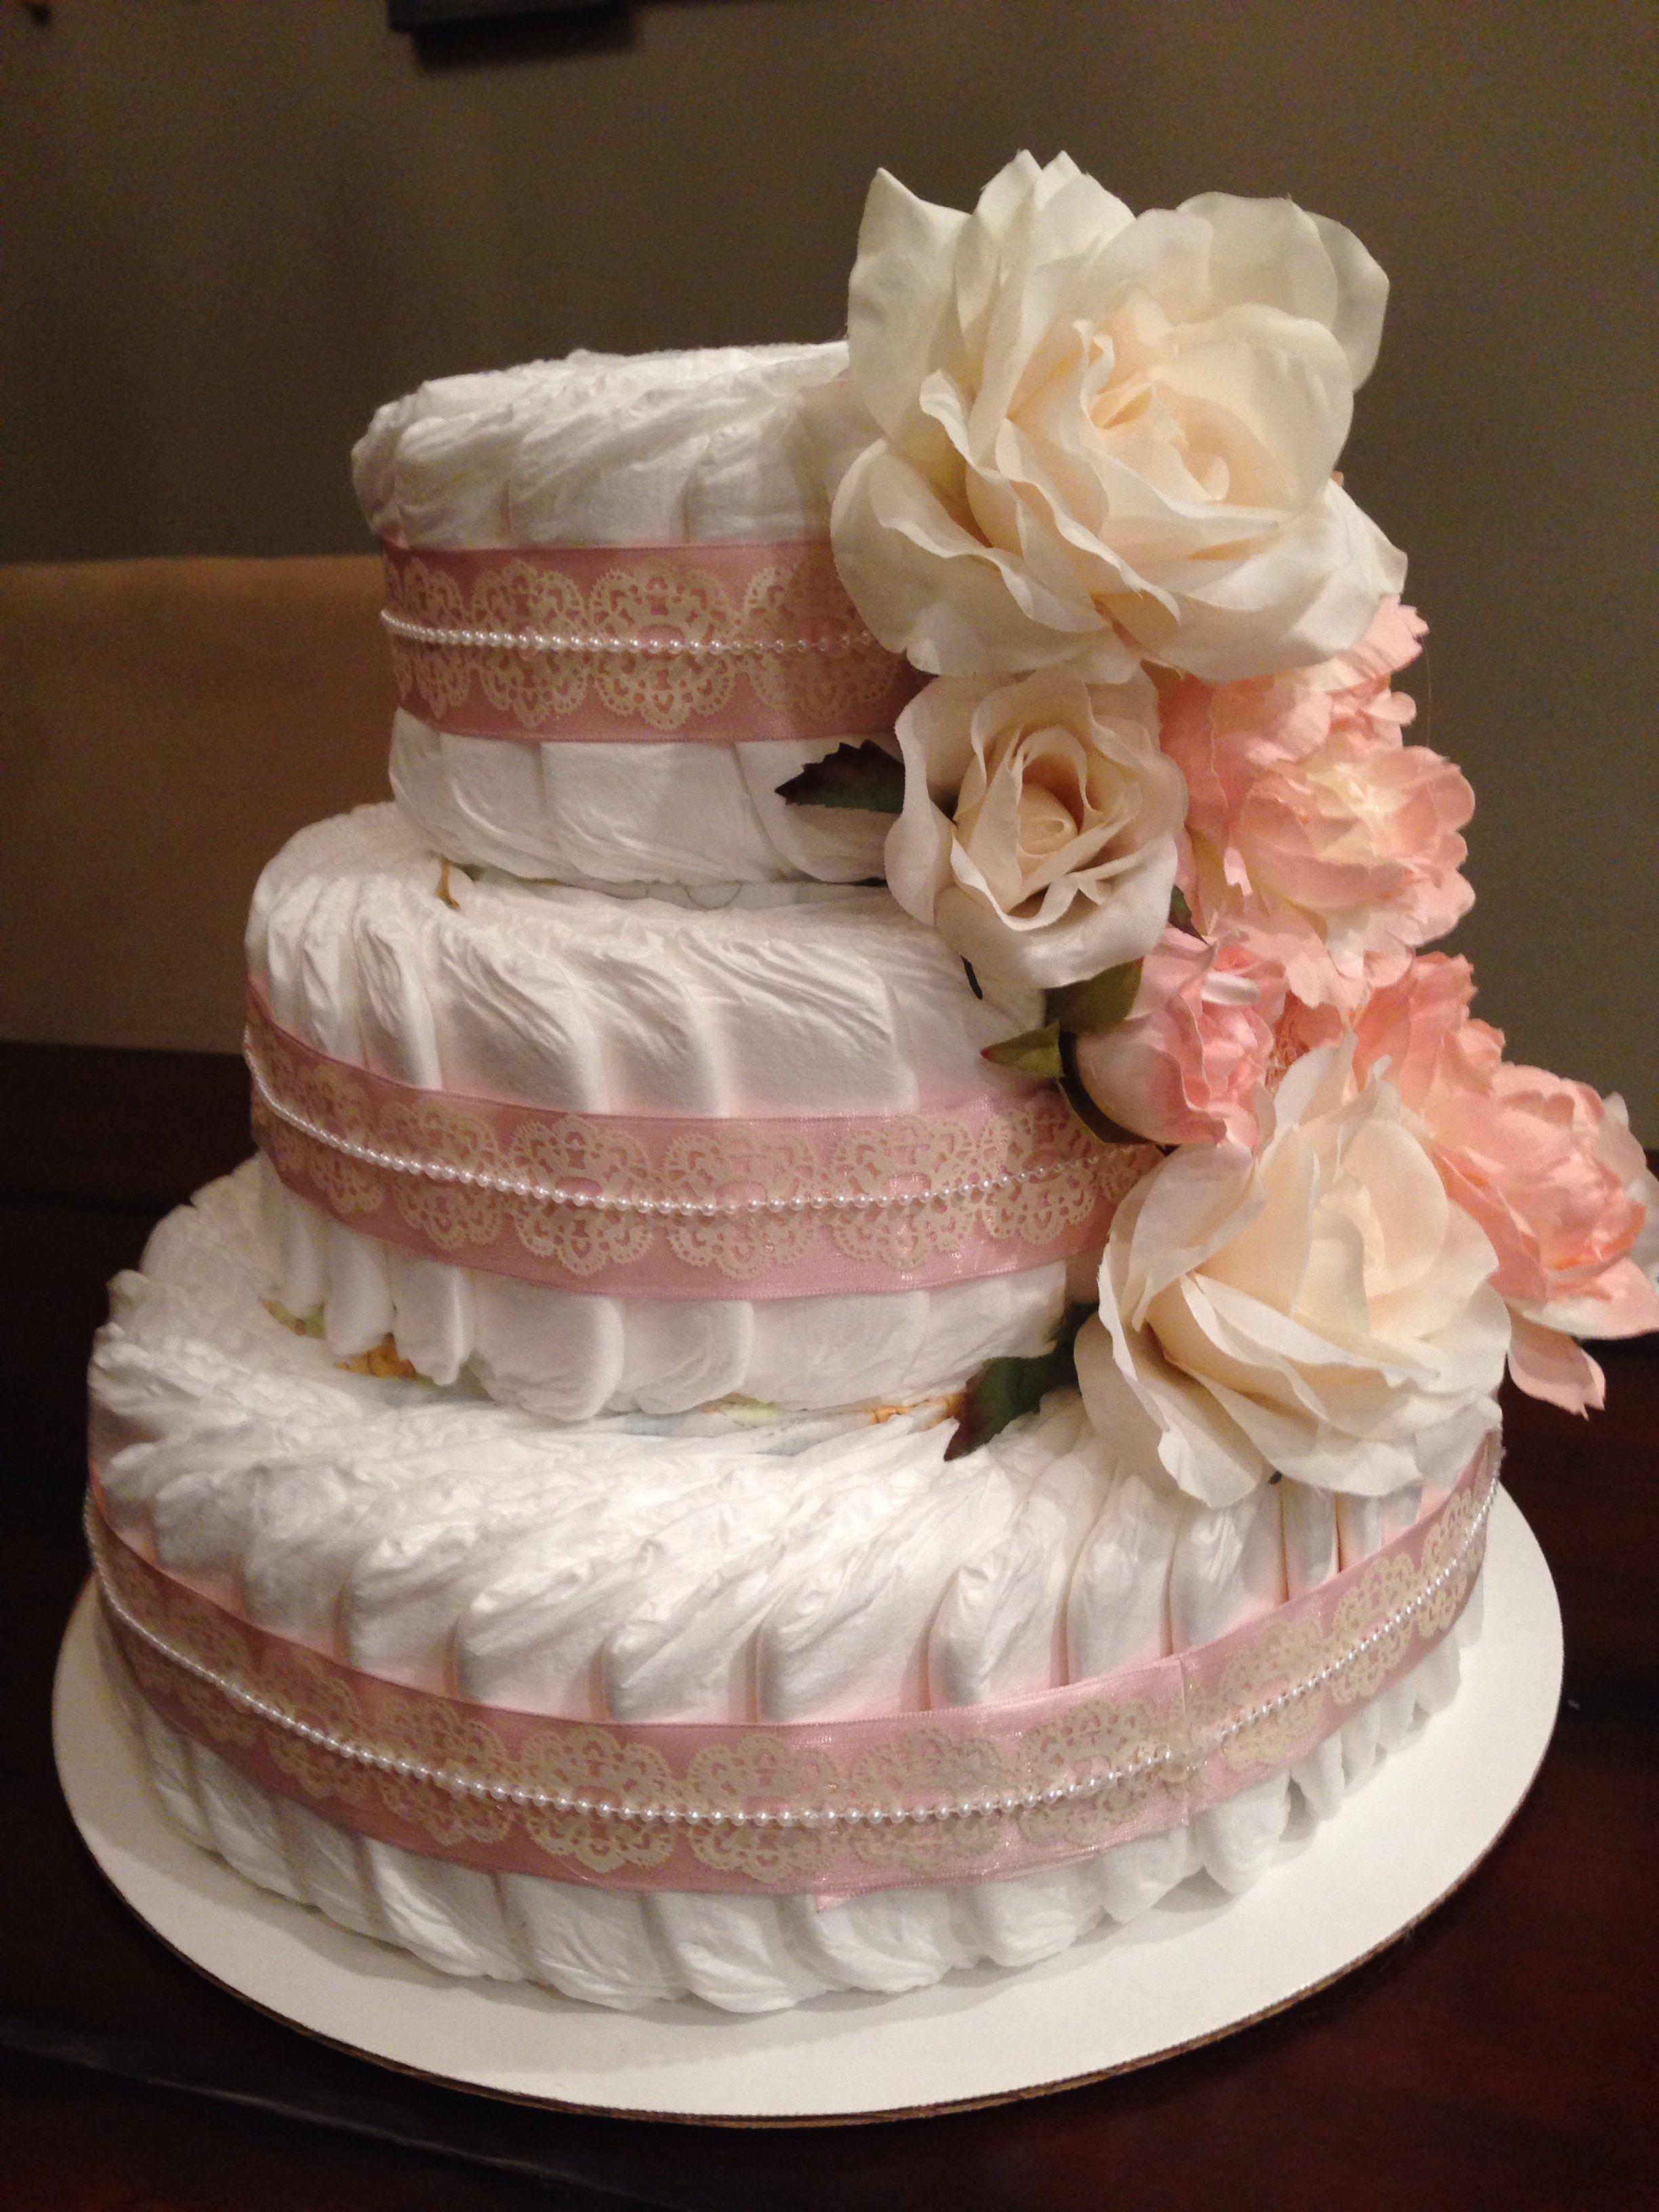 shabby chic bridal shower cakes%0A Shabby Chic Baby Shower Gift Diaper Cake  babyshowergift  diapercake   shabbychic